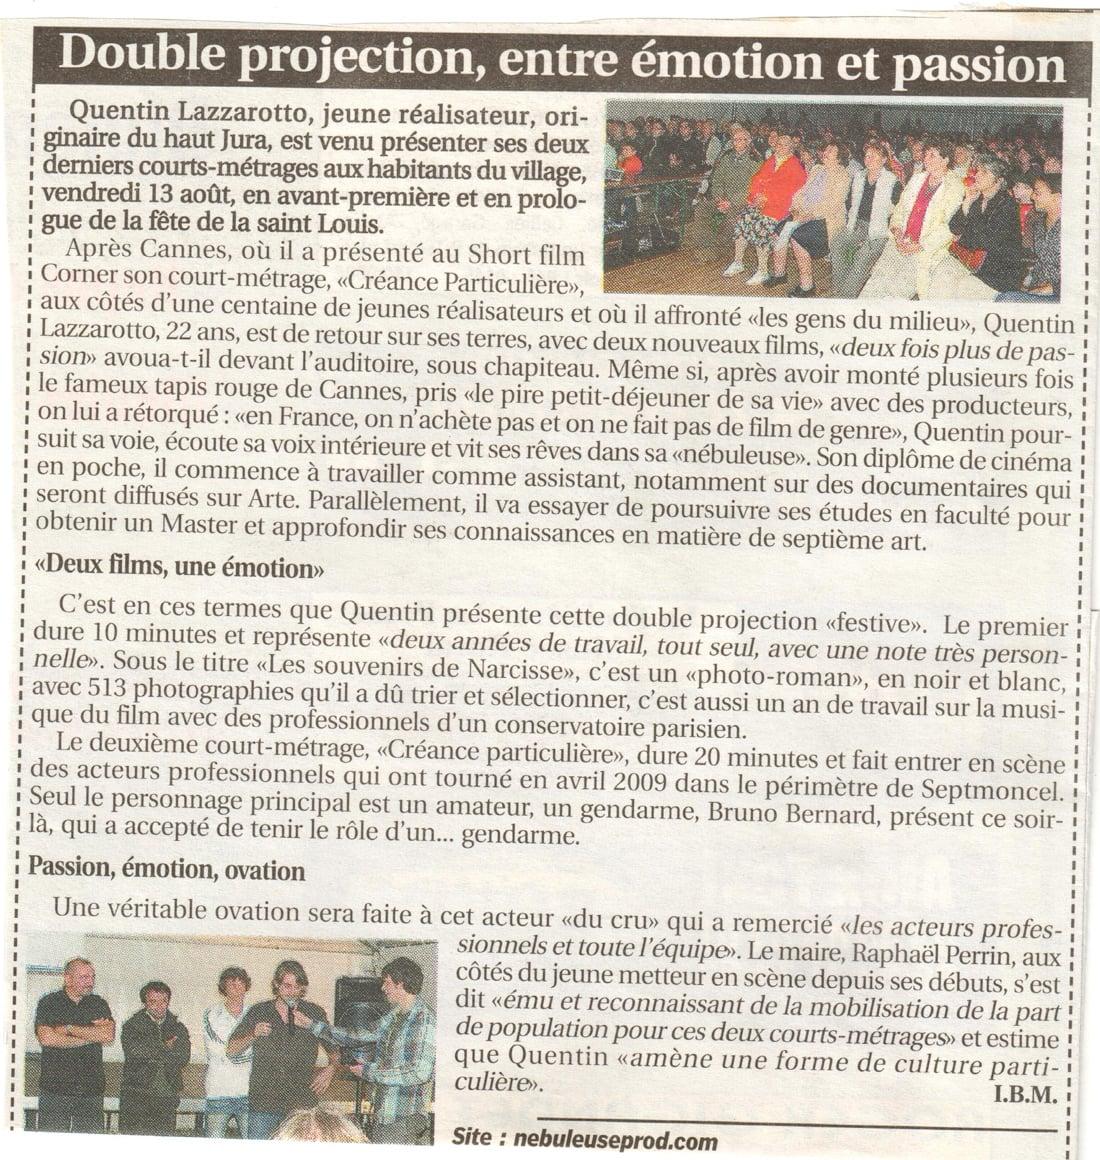 Double projection, entre émotion et passion